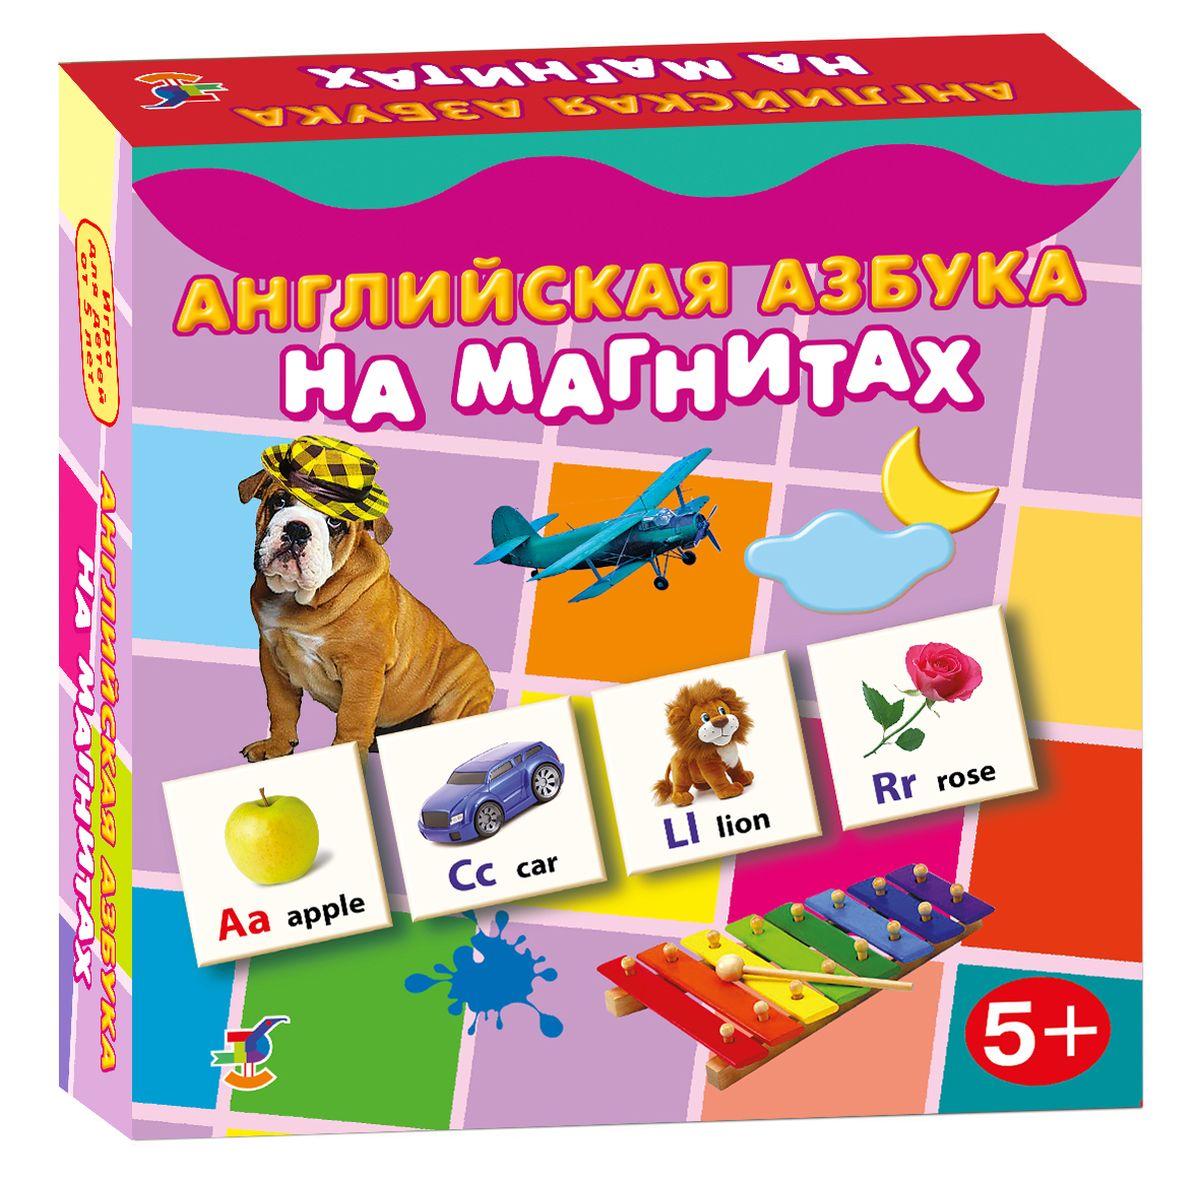 Дрофа-Медиа Английская азбука на магнитах2907Английская азбука представляет собой уже готовые к использованию, разрезанные карточки с приклеенными сзади магнитами, которые можно крепить на холодильник или магнитную доску. Карточки оформлены яркими рисунками и буквами. Игра знакомит с английскими буквами и первыми английскими словами, подходит для школьников, начинающих изучать иностранный язык. Транскрипция и перевод всех слов в Словарике. Игра развивает наблюдательность и внимание, может стать прекрасным методическим пособием. Игра знакомит с буквами и звуками, учит определять первый звук в слове, читать и составлять слова, обогащает словарный запас.